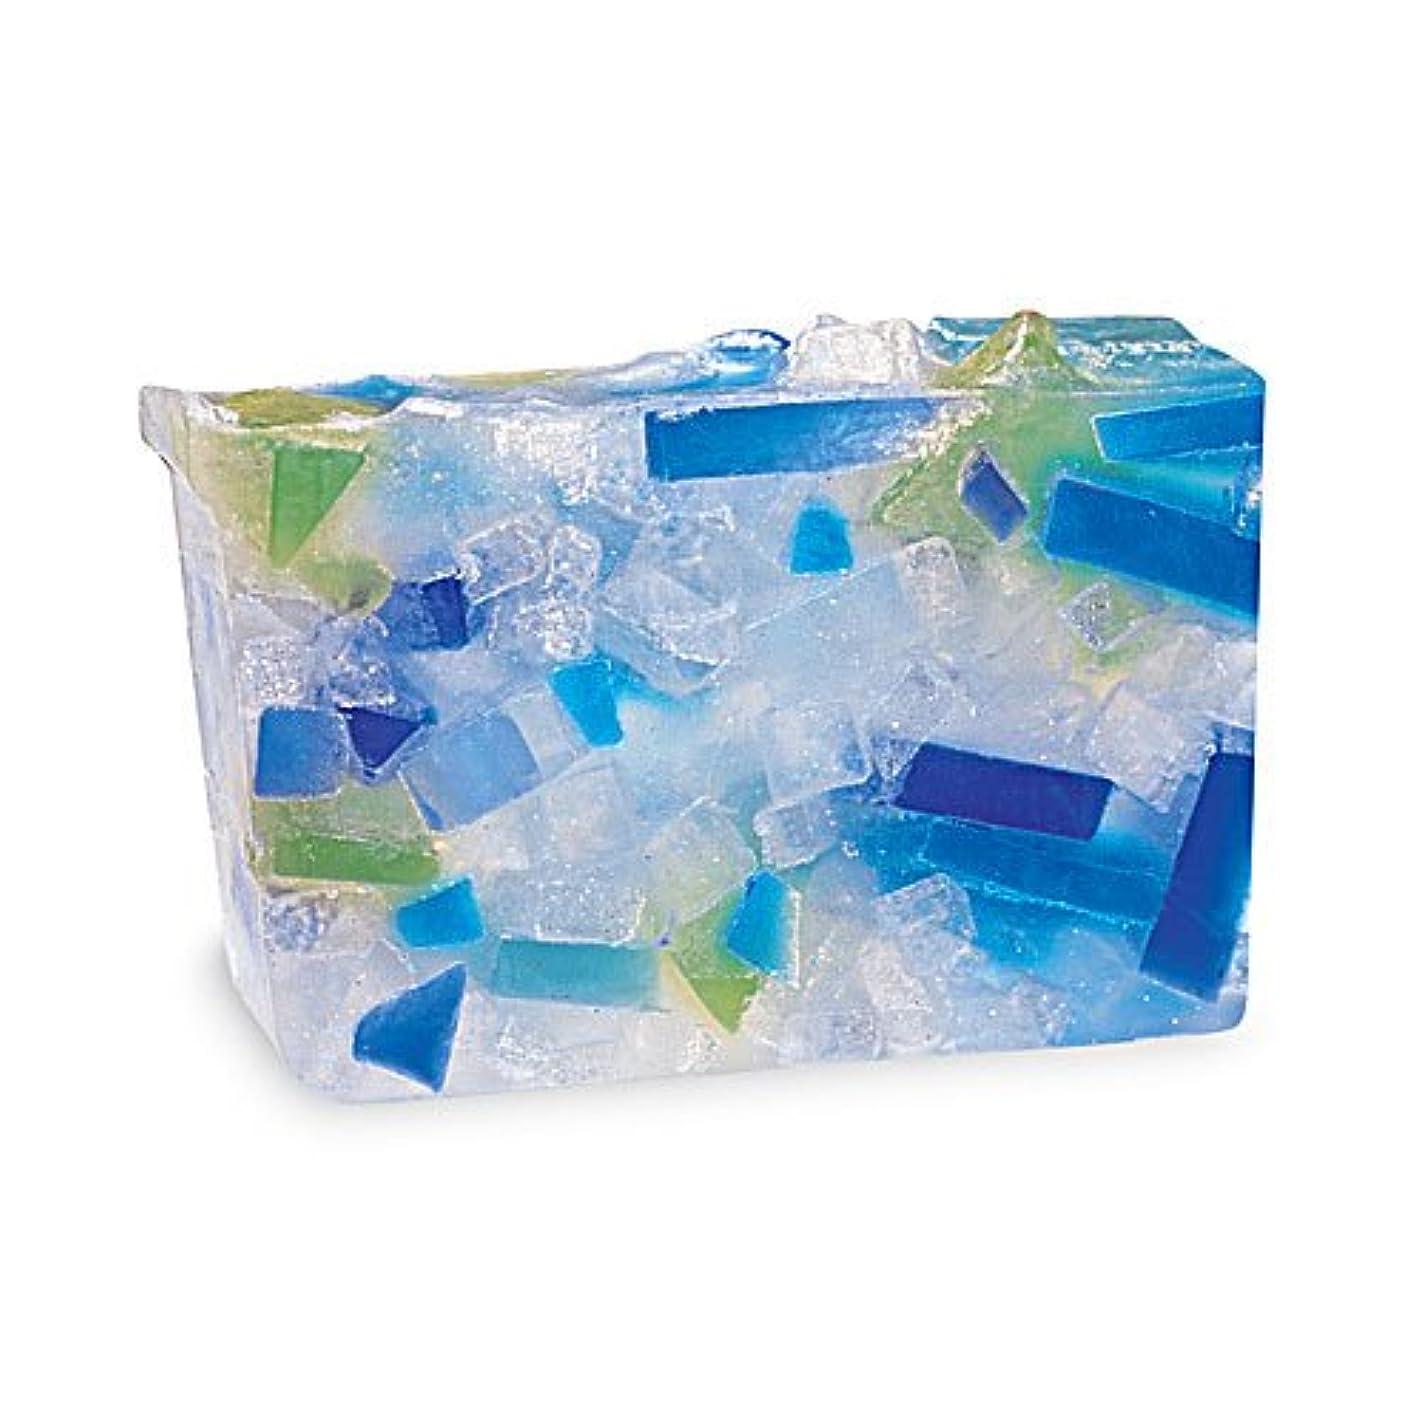 コールド最初はピースプライモールエレメンツ アロマティック ソープ ビーチグラス 180g 植物性 ナチュラル 石鹸 無添加